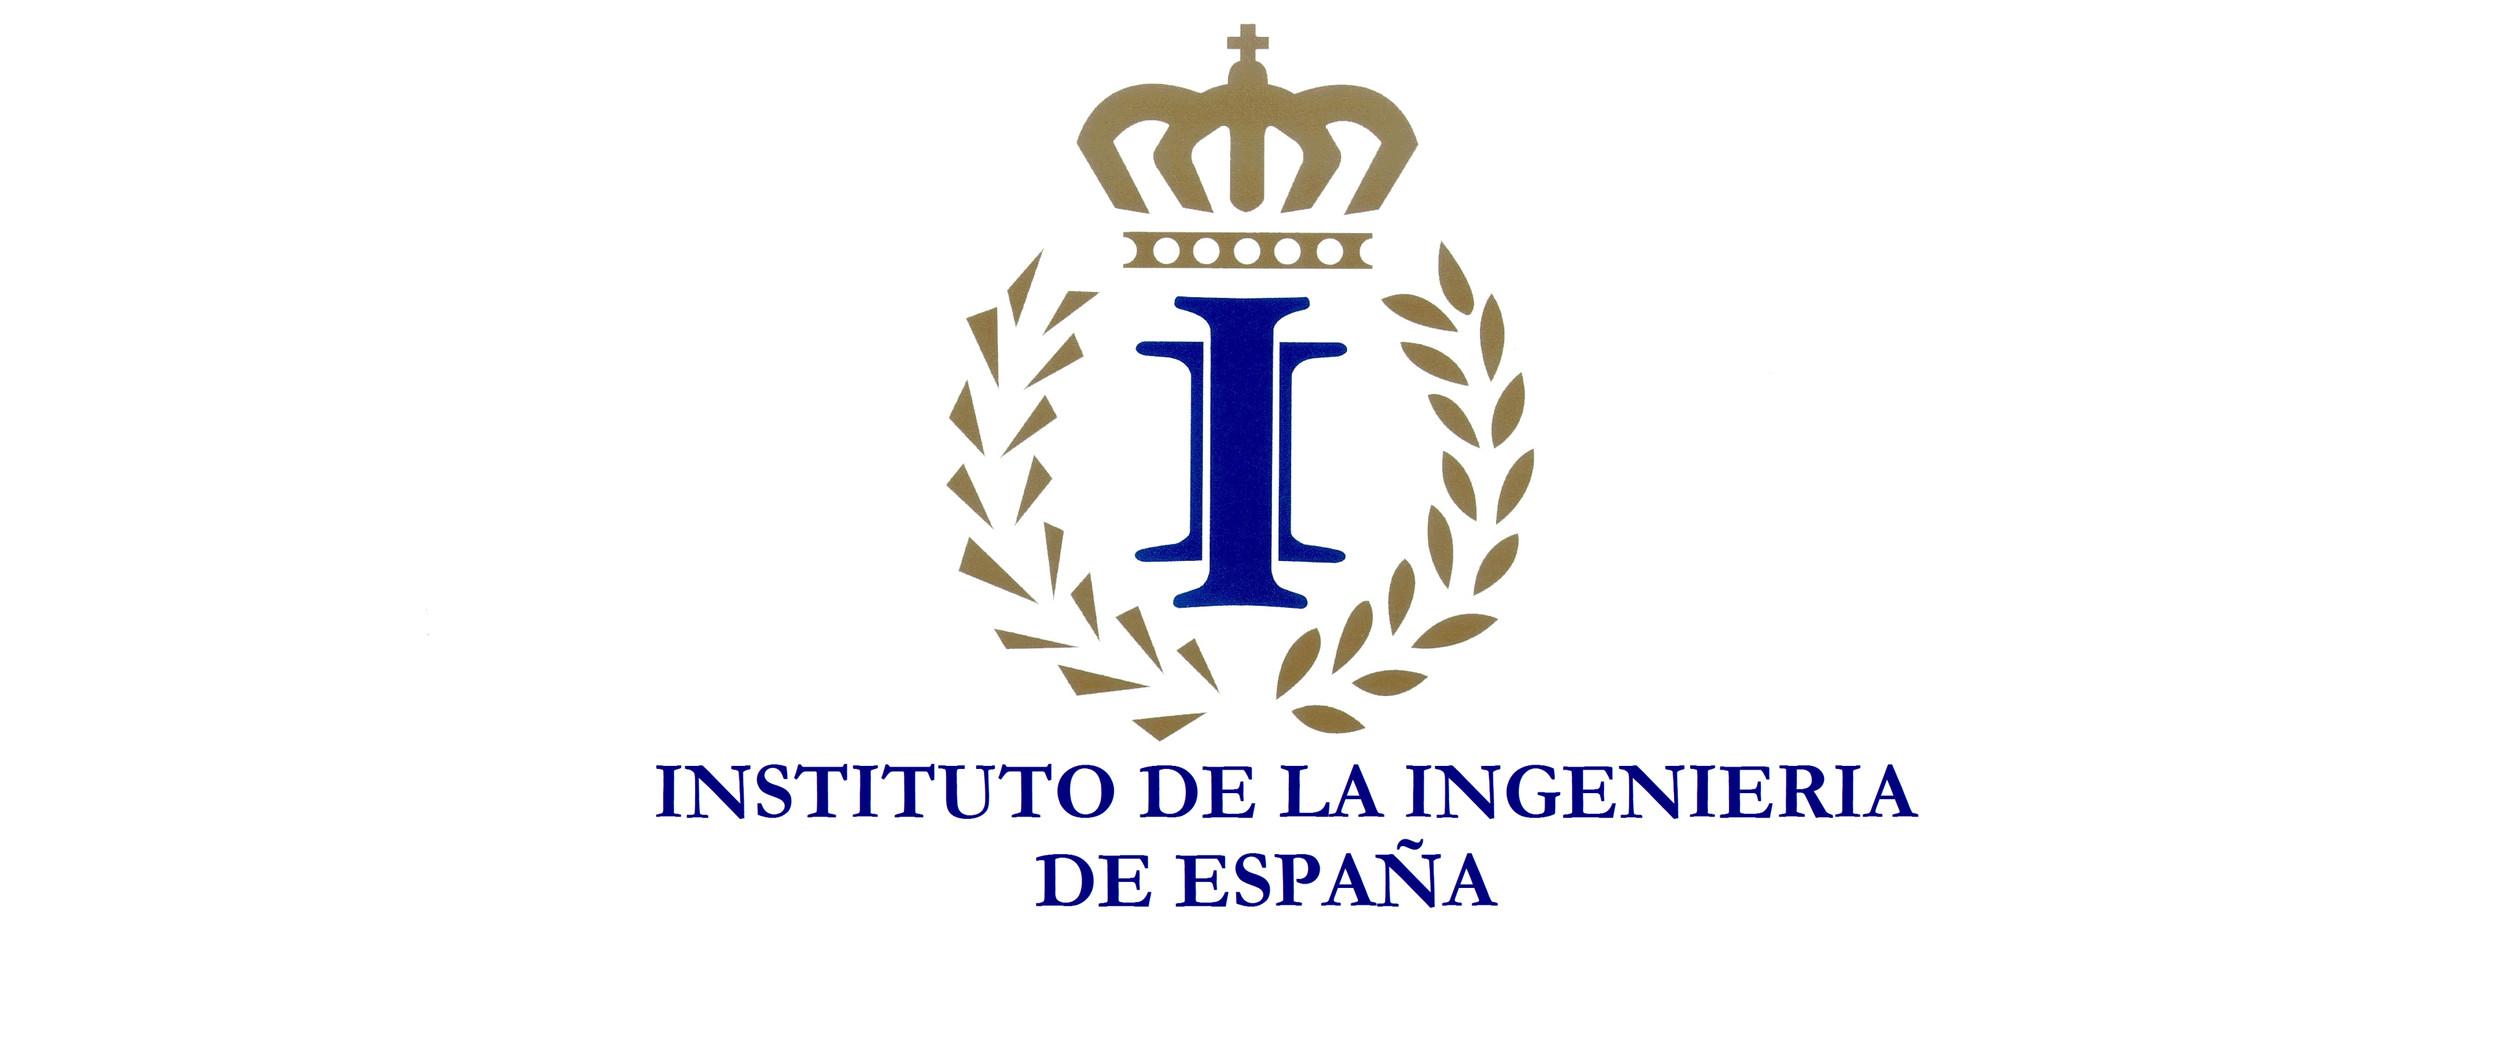 (c) Iies.es